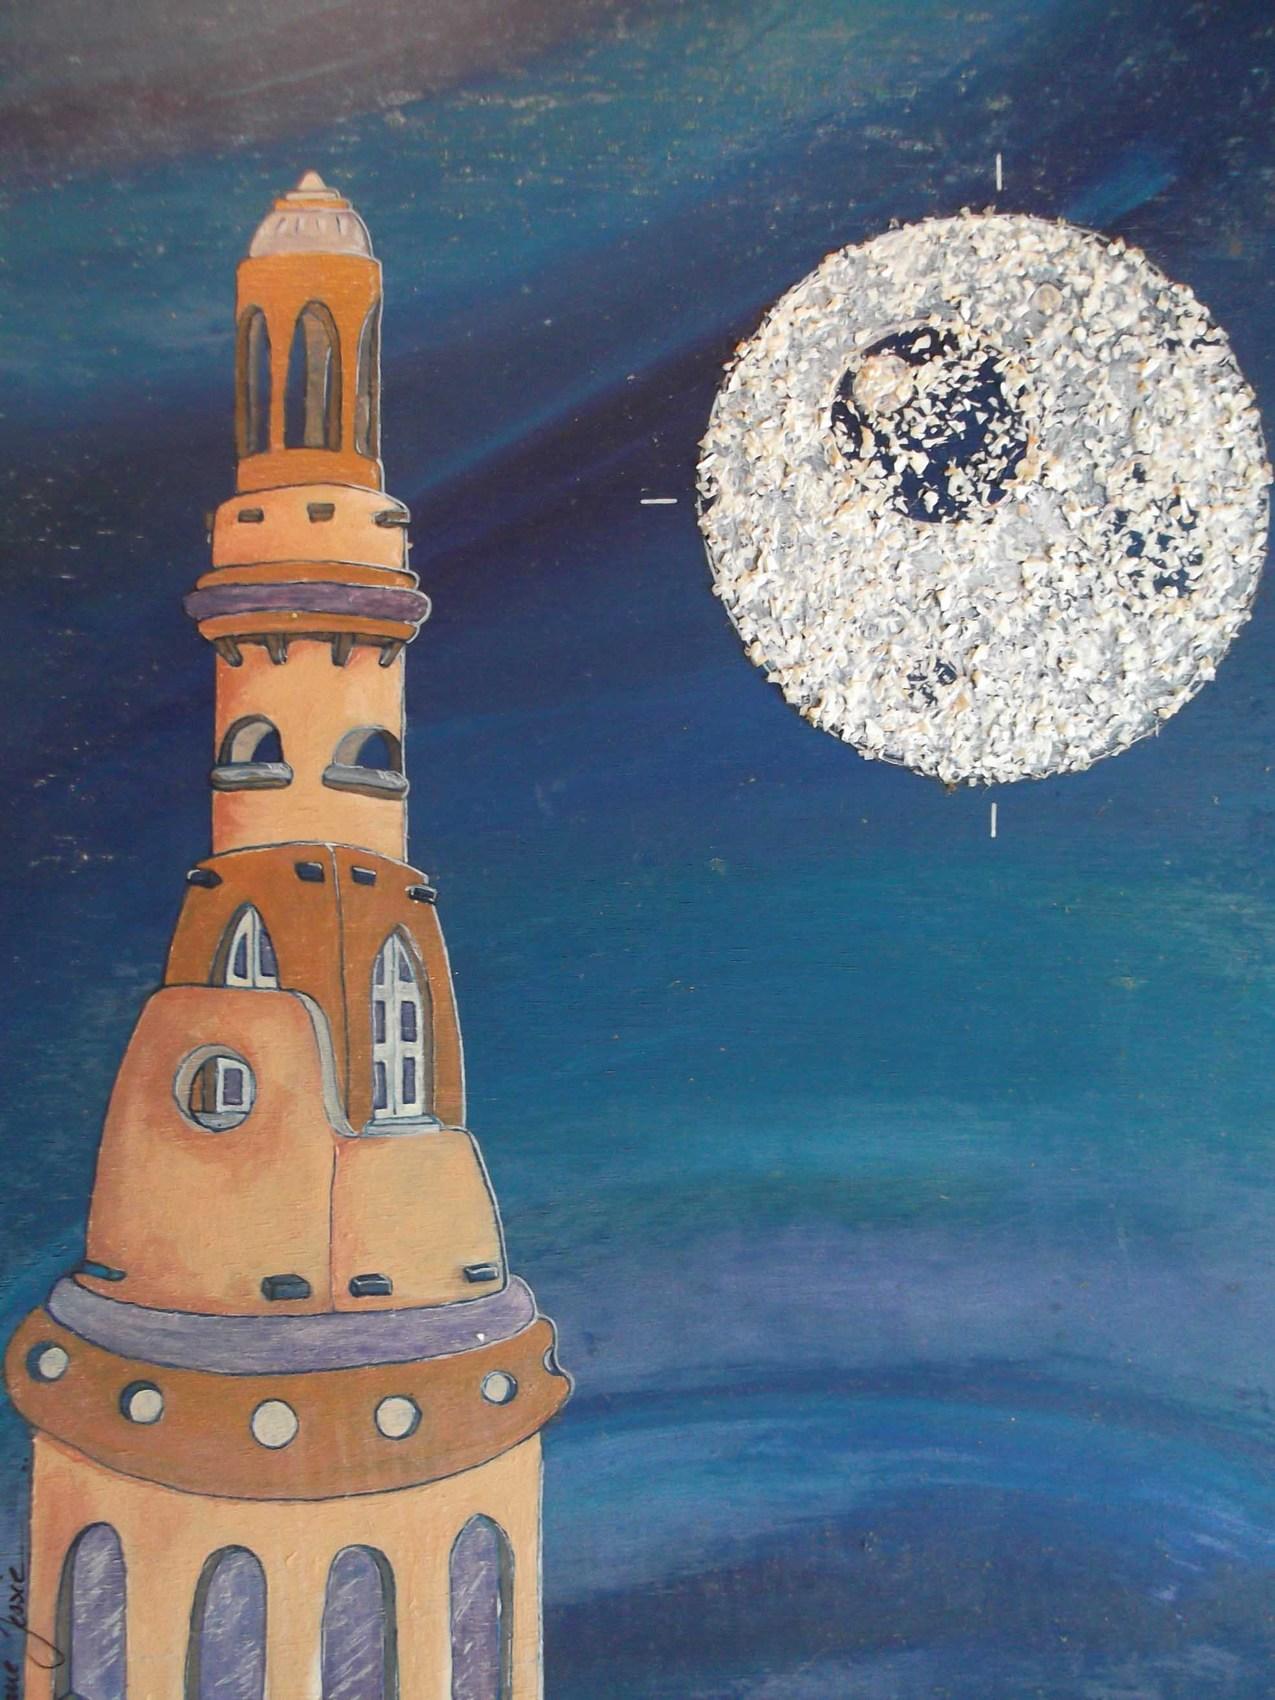 Peinture la tour de babel